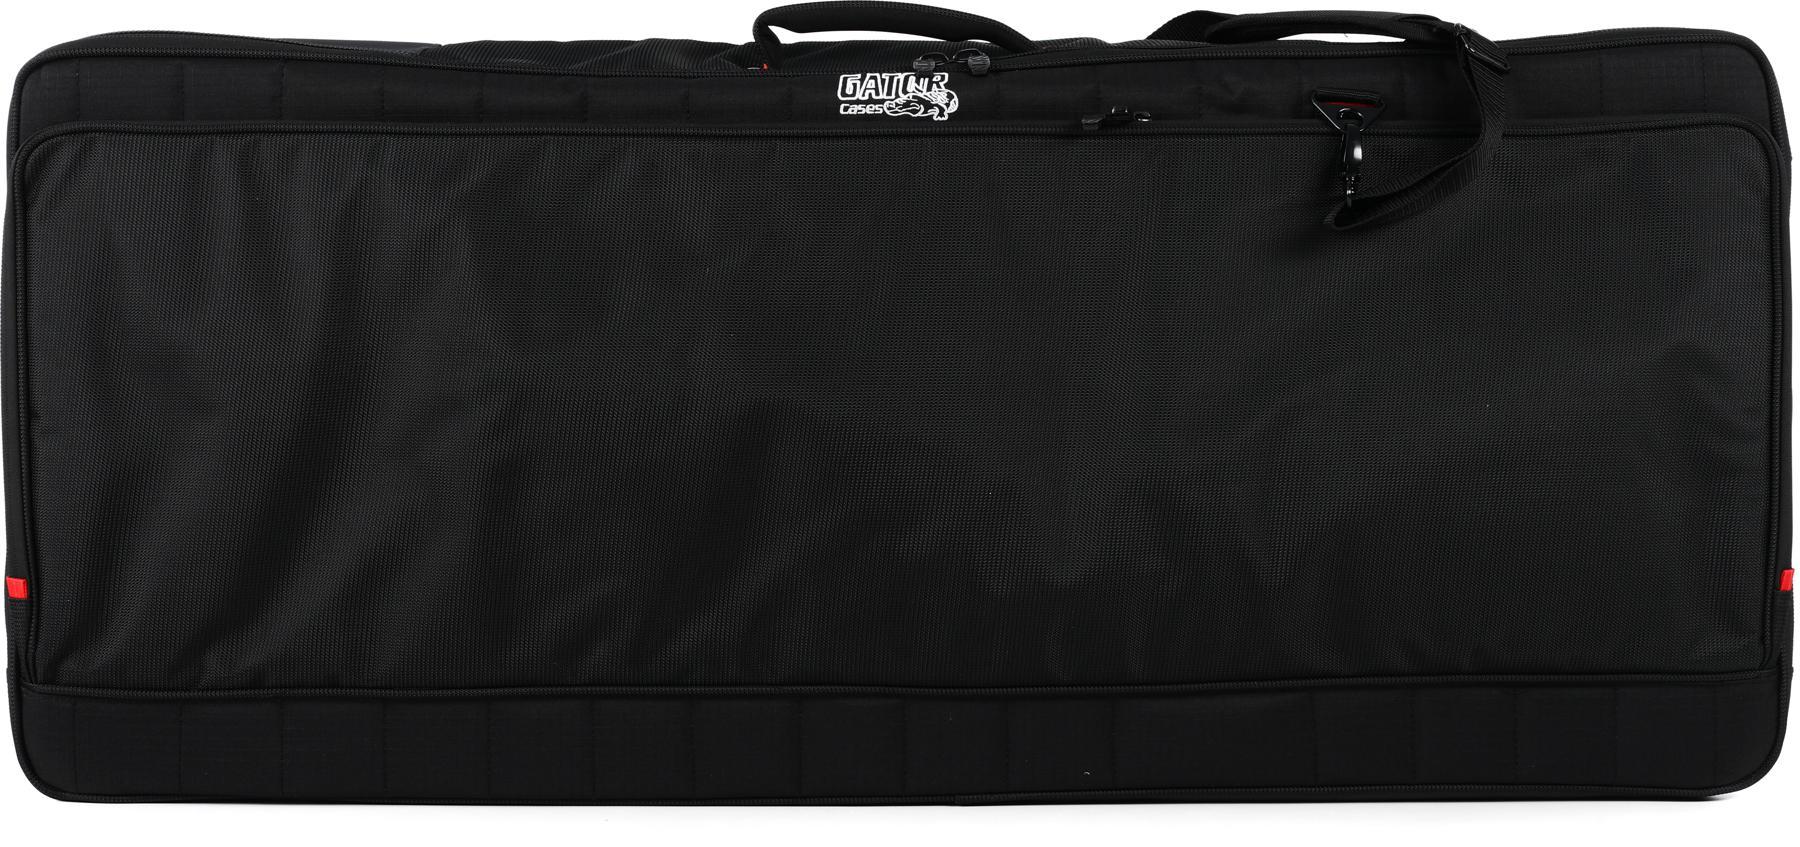 4. Gator Cases Pro-Go Ultimate Keyboard Gig Bag (G-PG-61)